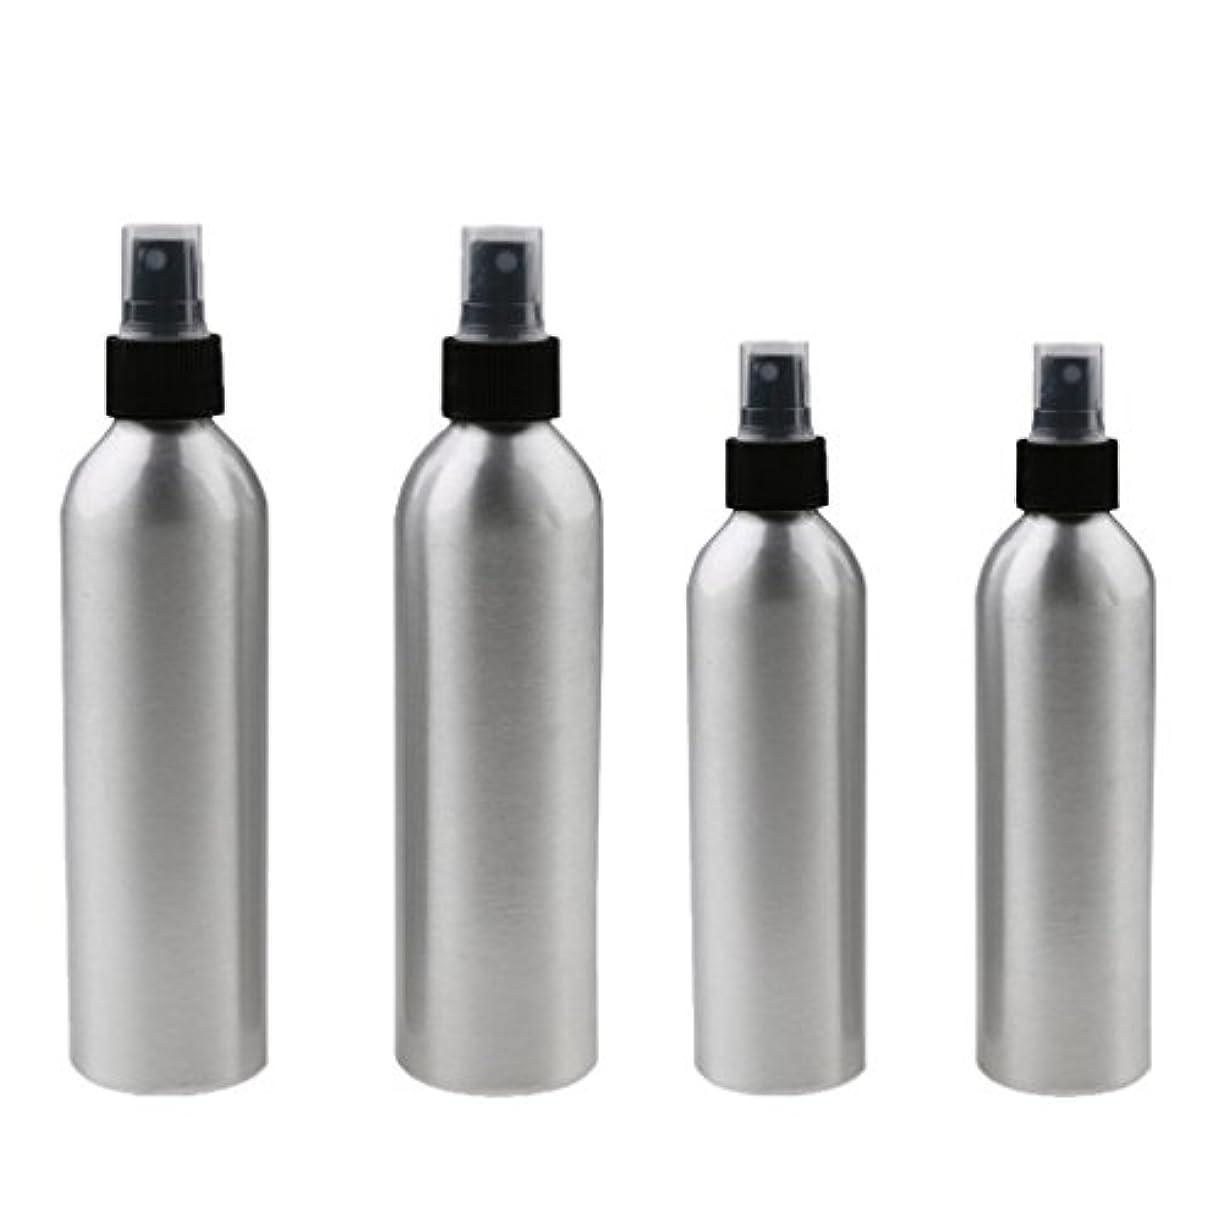 トイレ愛国的なあごひげ4本入り スプレーボトル 100mlと150ml各2本 アルミミスト スプレー 香水 ボトル スプレーアトマイザー